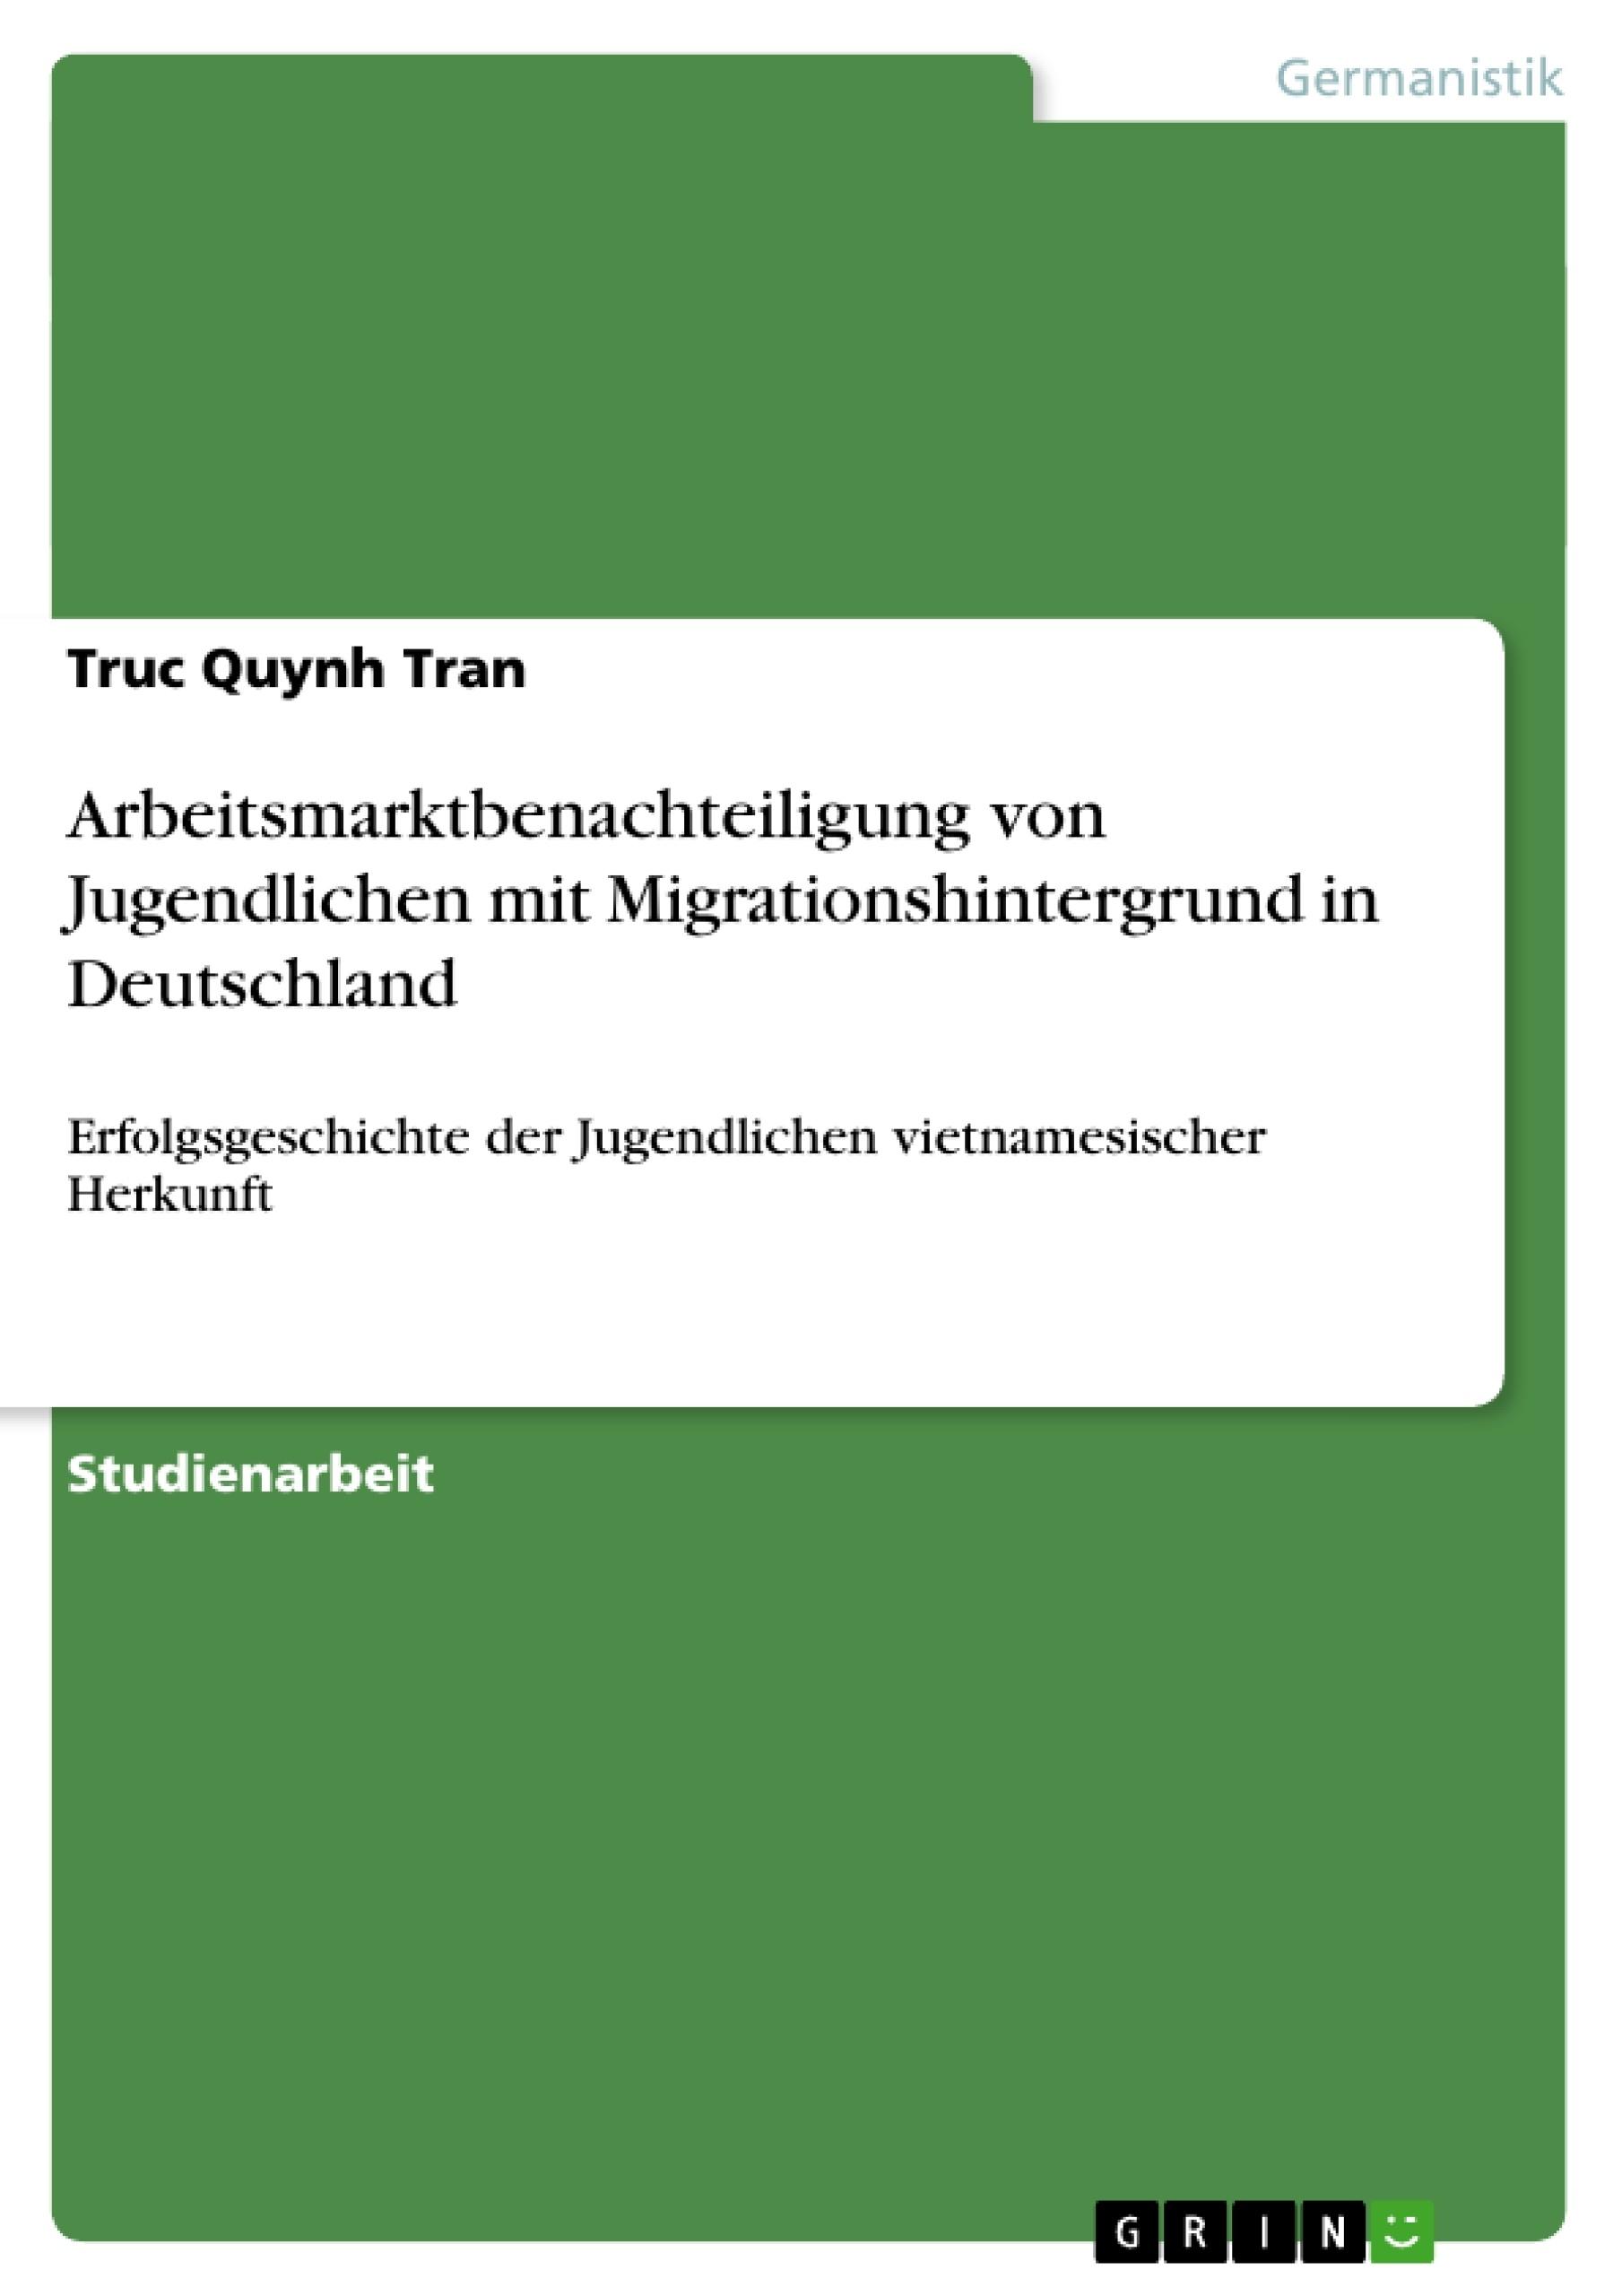 Titel: Arbeitsmarktbenachteiligung von Jugendlichen mit Migrationshintergrund in Deutschland